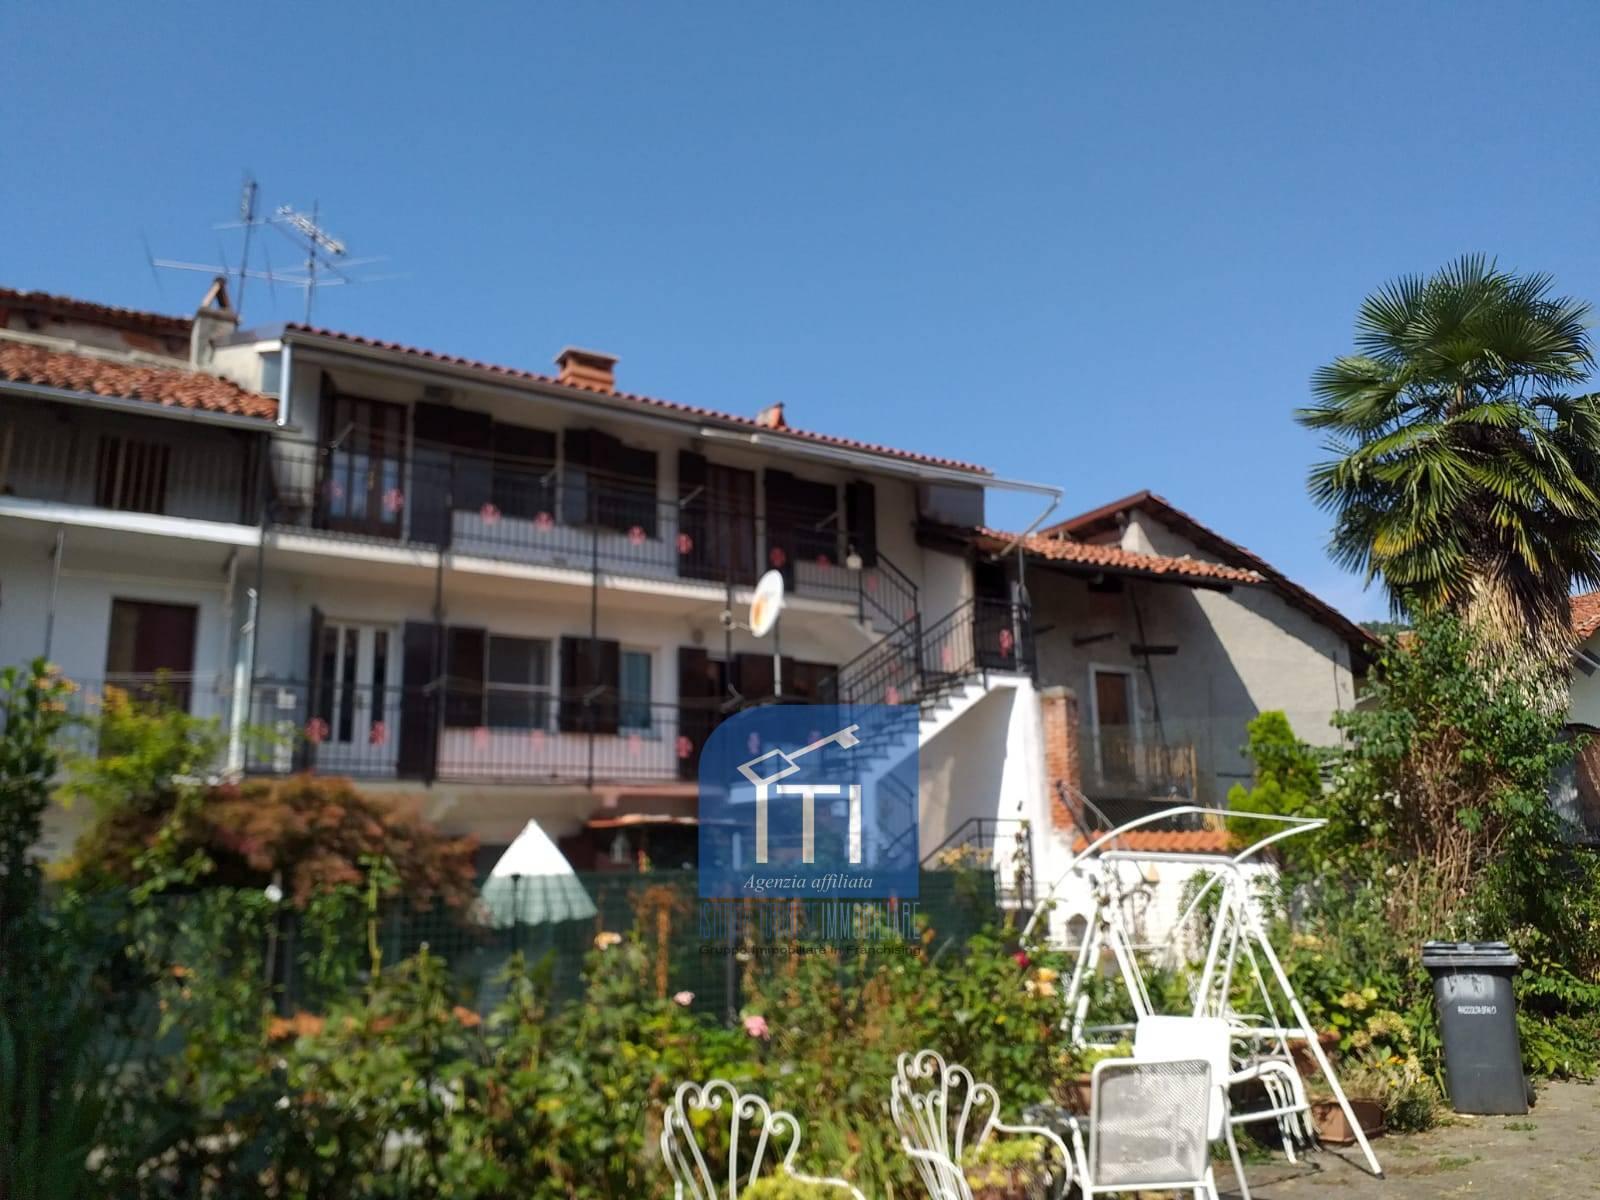 Soluzione Indipendente in vendita a Bollengo, 5 locali, prezzo € 95.000 | CambioCasa.it